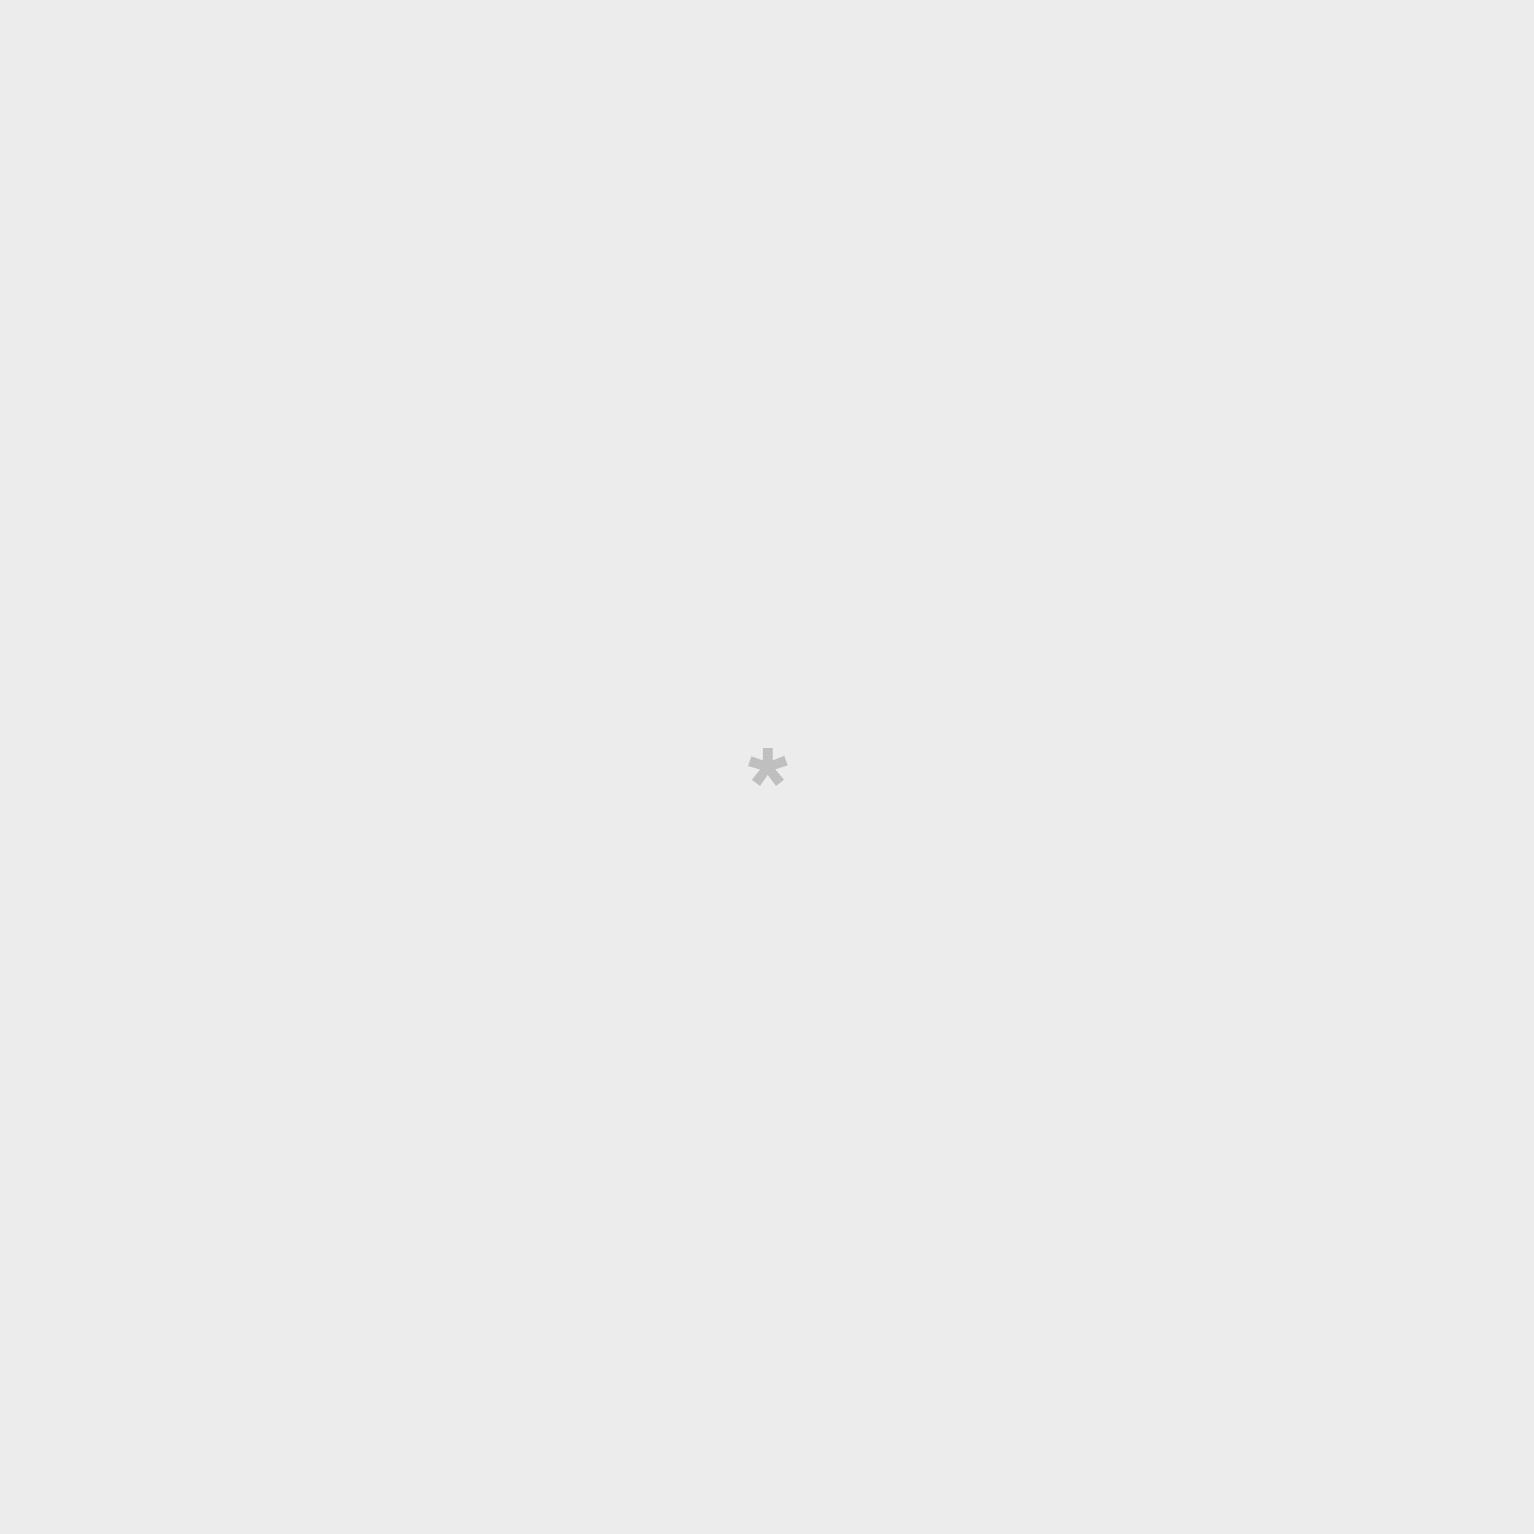 Organizador semanal vertical (PT)